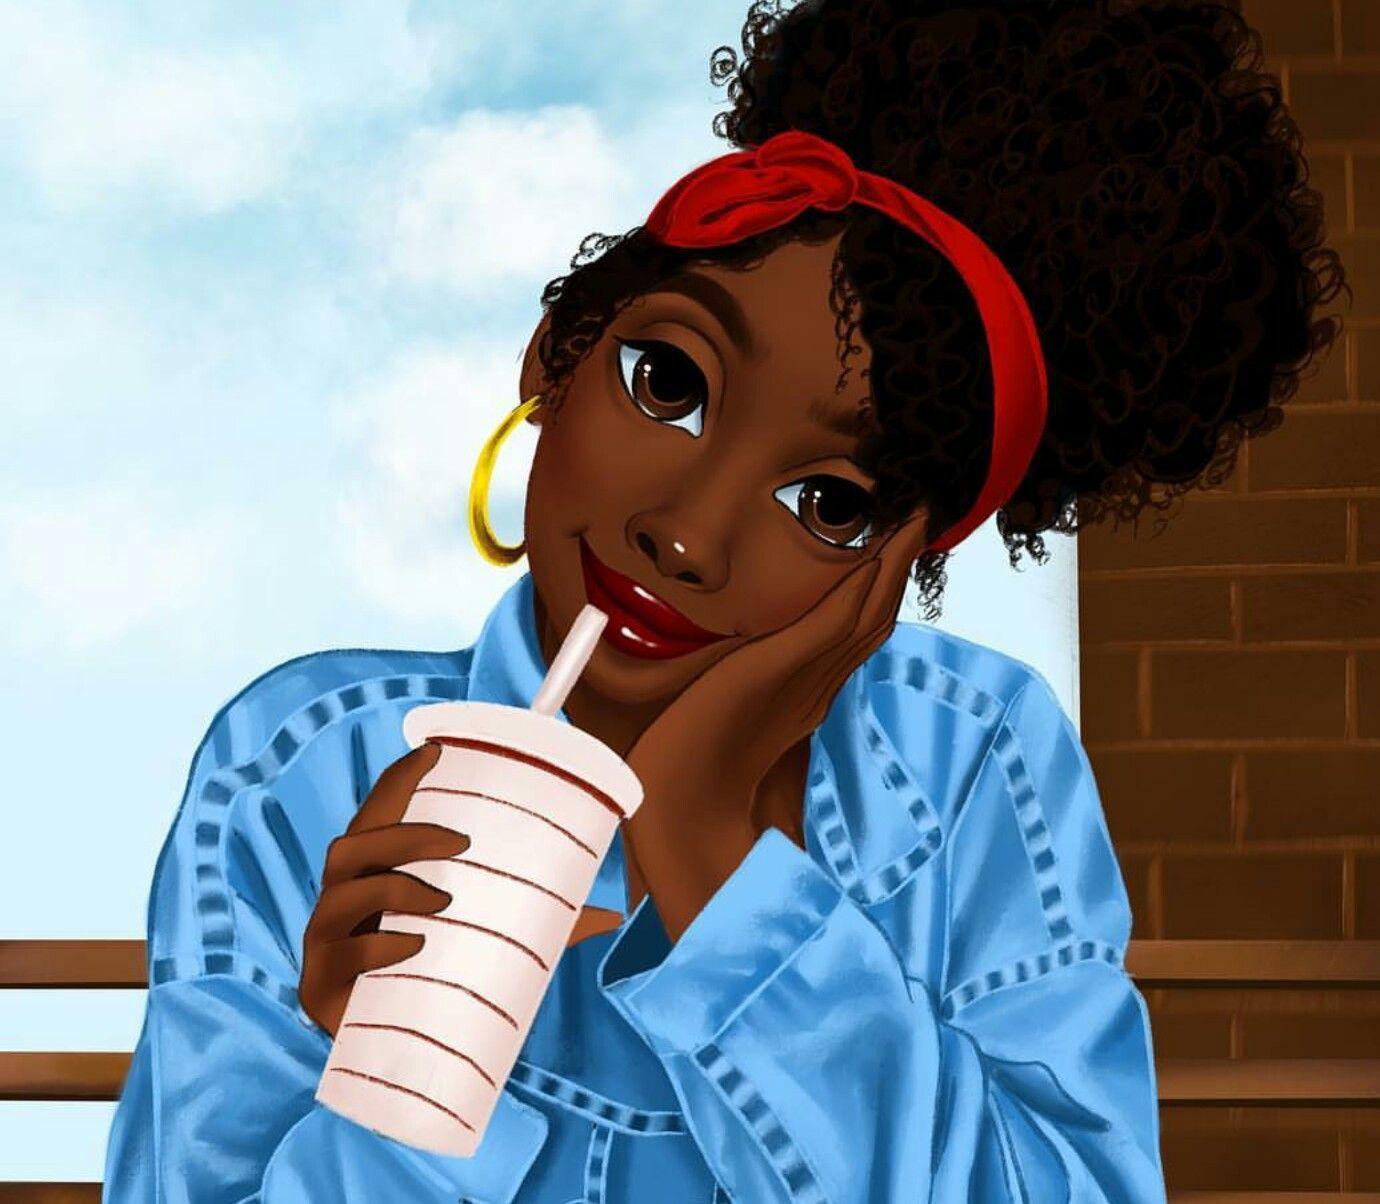 Pin De Allana Tululuci Em Moda Afro Em 2020 Garotas Negras